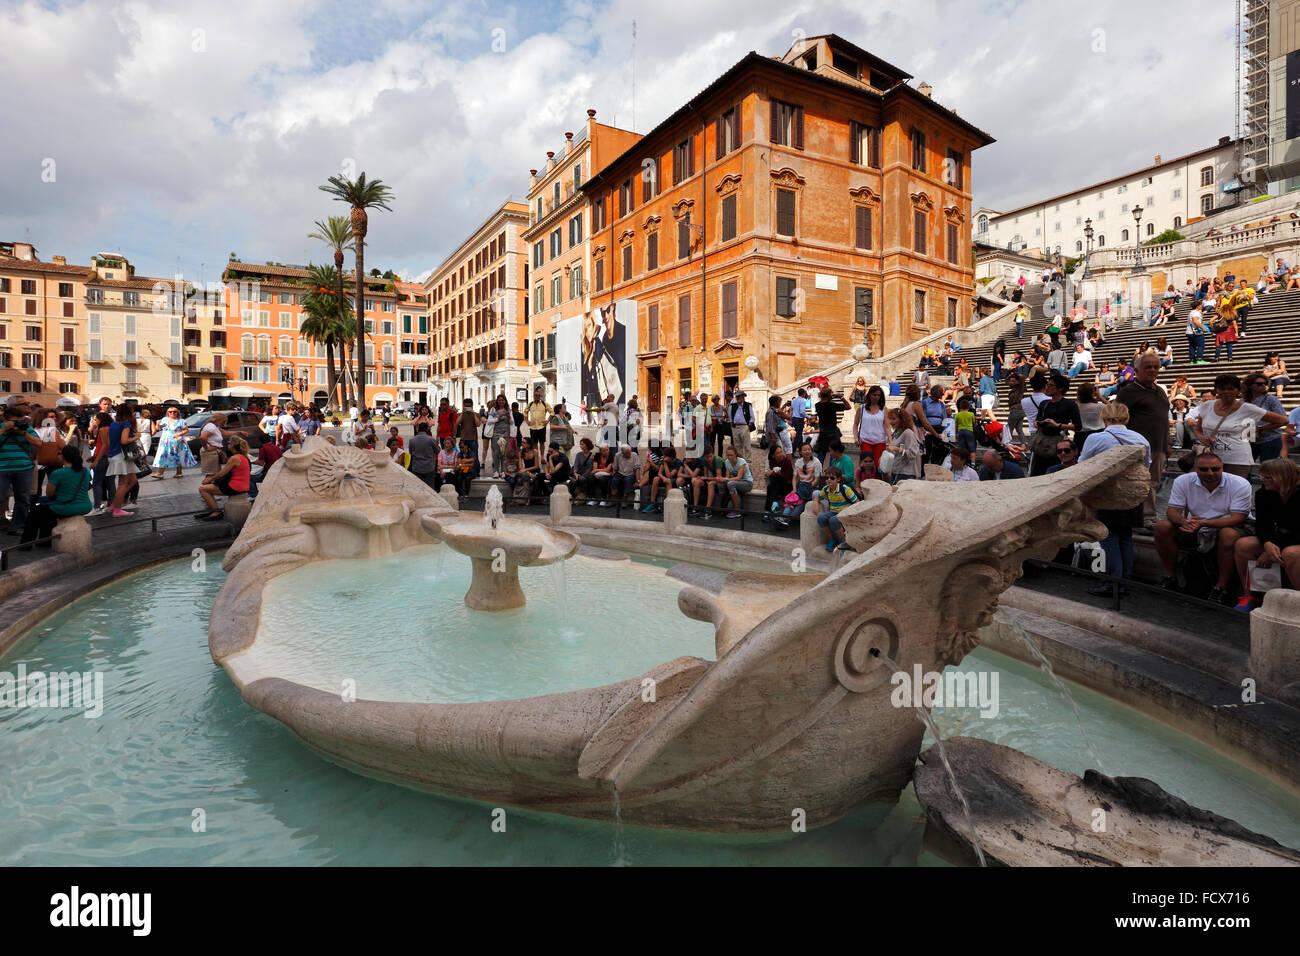 Rome - The Spanish Steps (Scalinata di Trinità dei Monti) at the Piazza di Spagna and the Fontana della Barcaccia Stock Photo